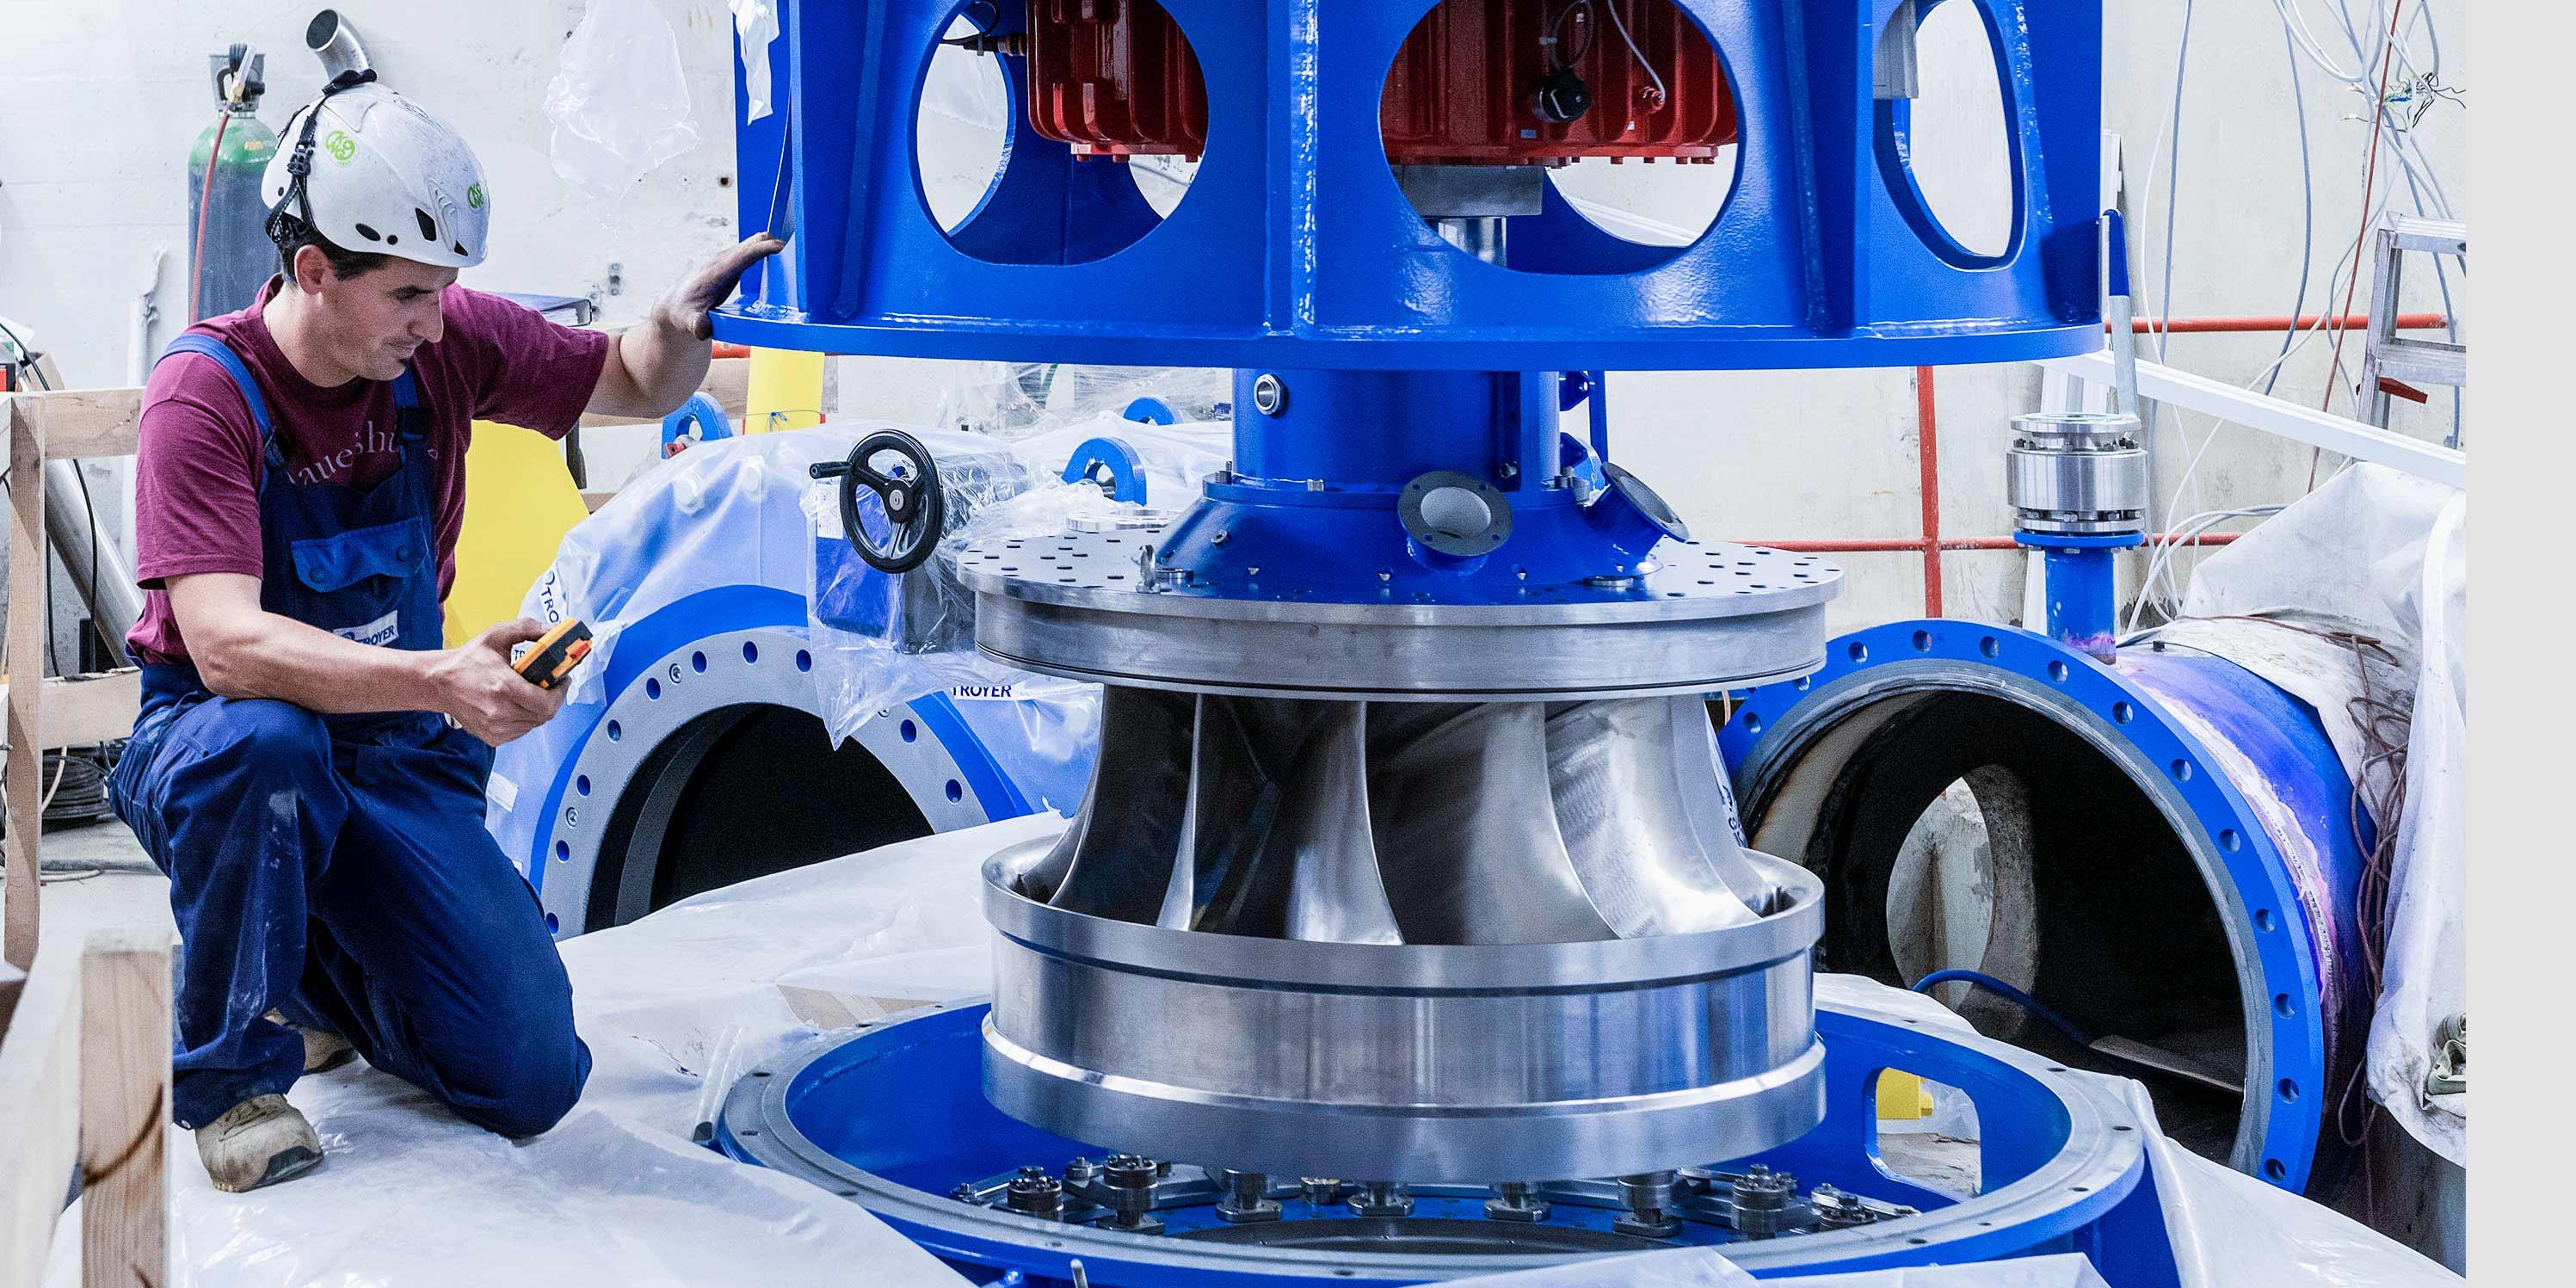 ewh-kraftwerk-sihl-erneuerung-turbinenrad